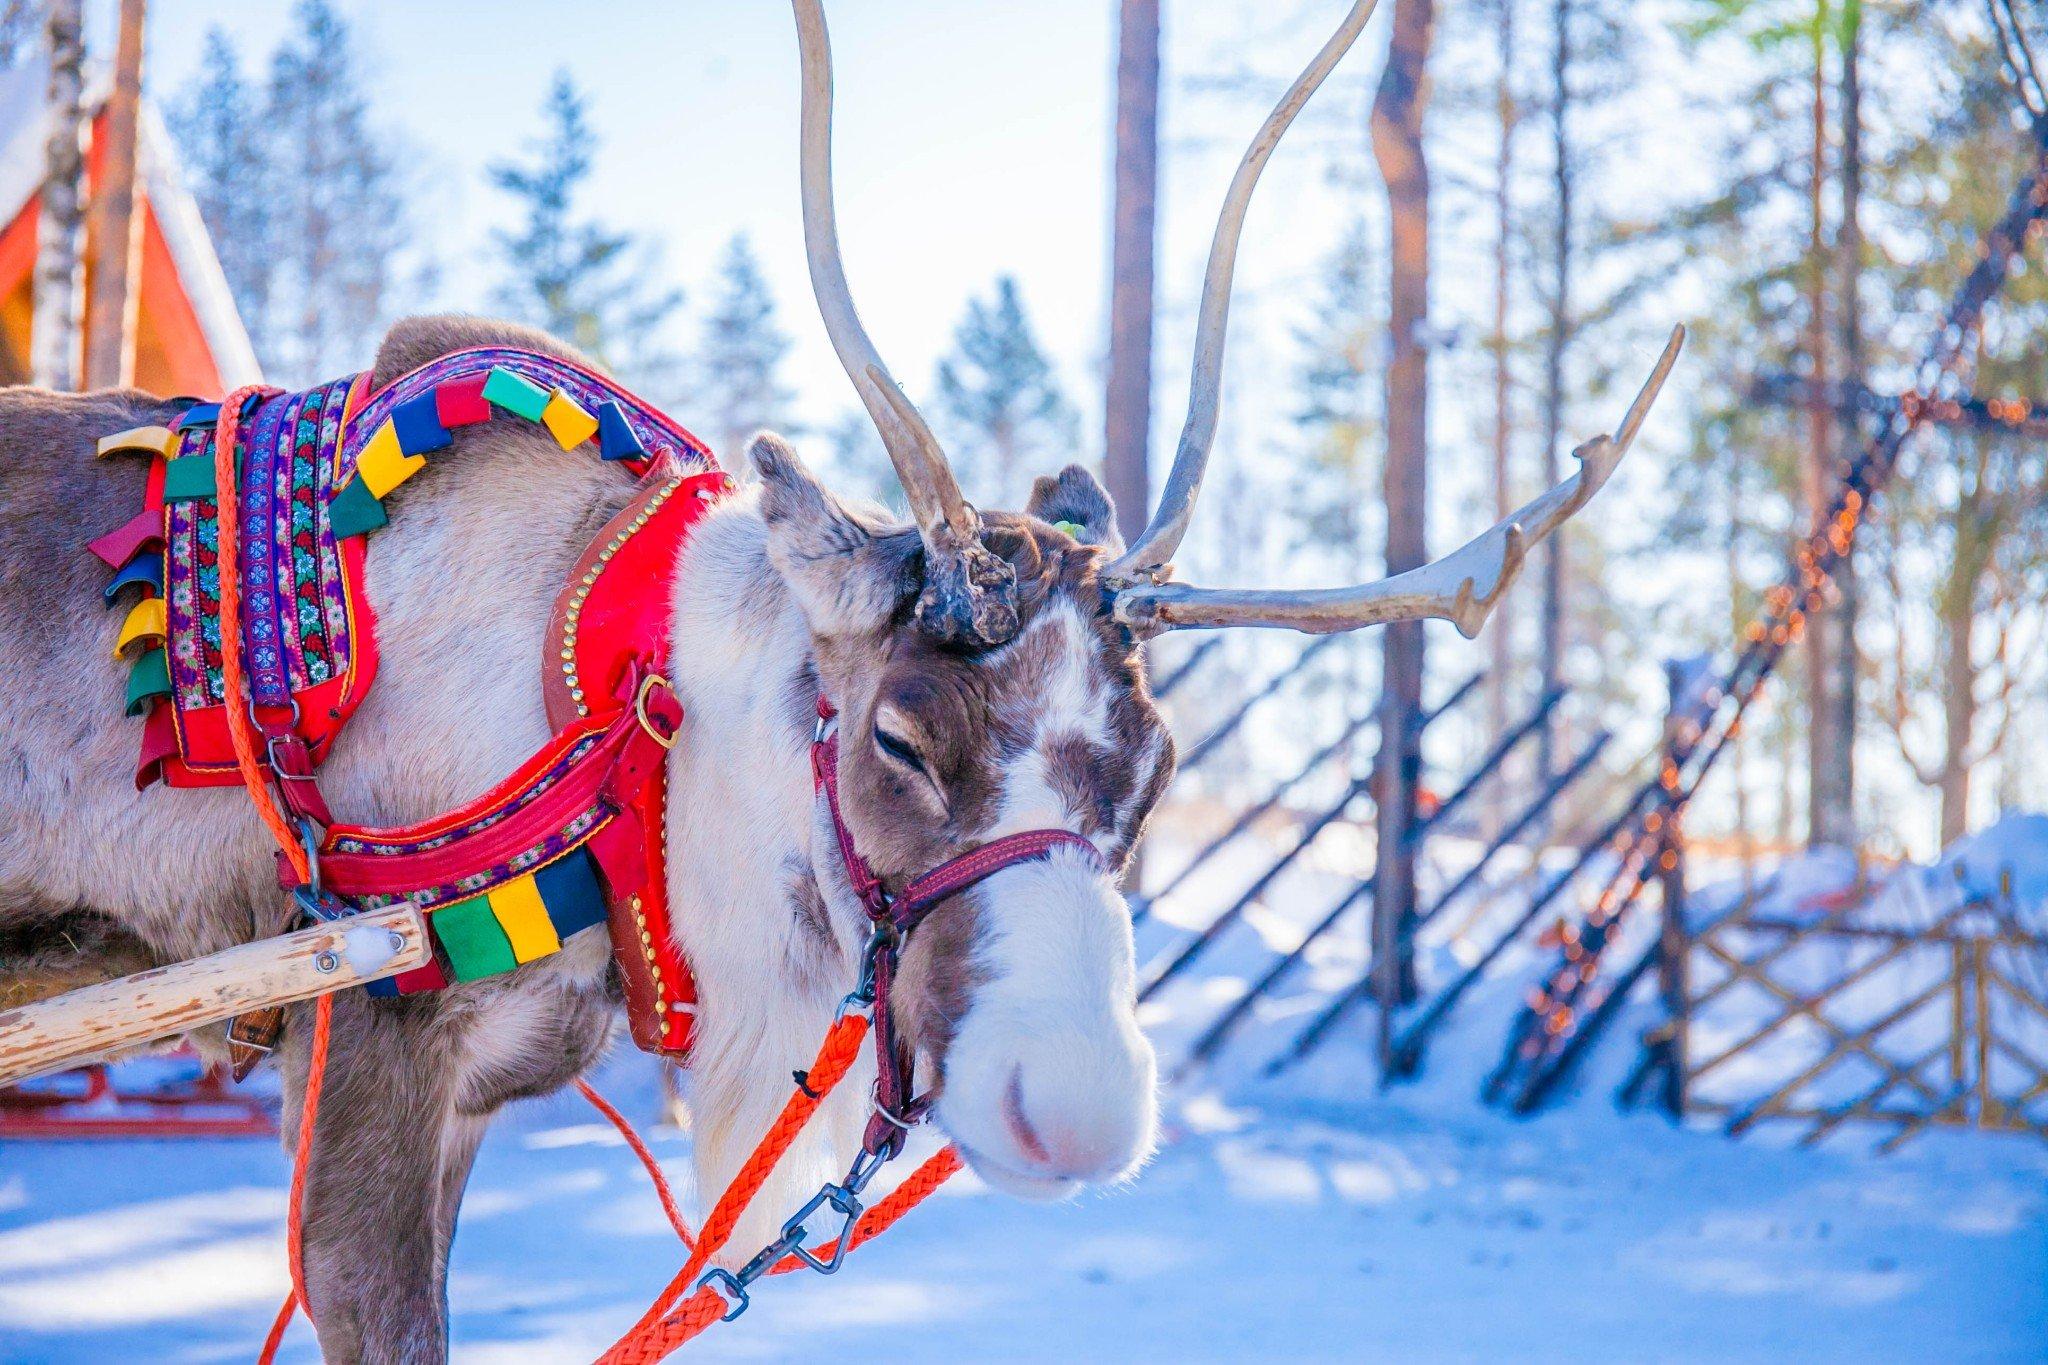 [芬兰挪威爱沙尼亚]帝王蟹 狗拉雪橇 追极光,失踪8天只为爱上你!